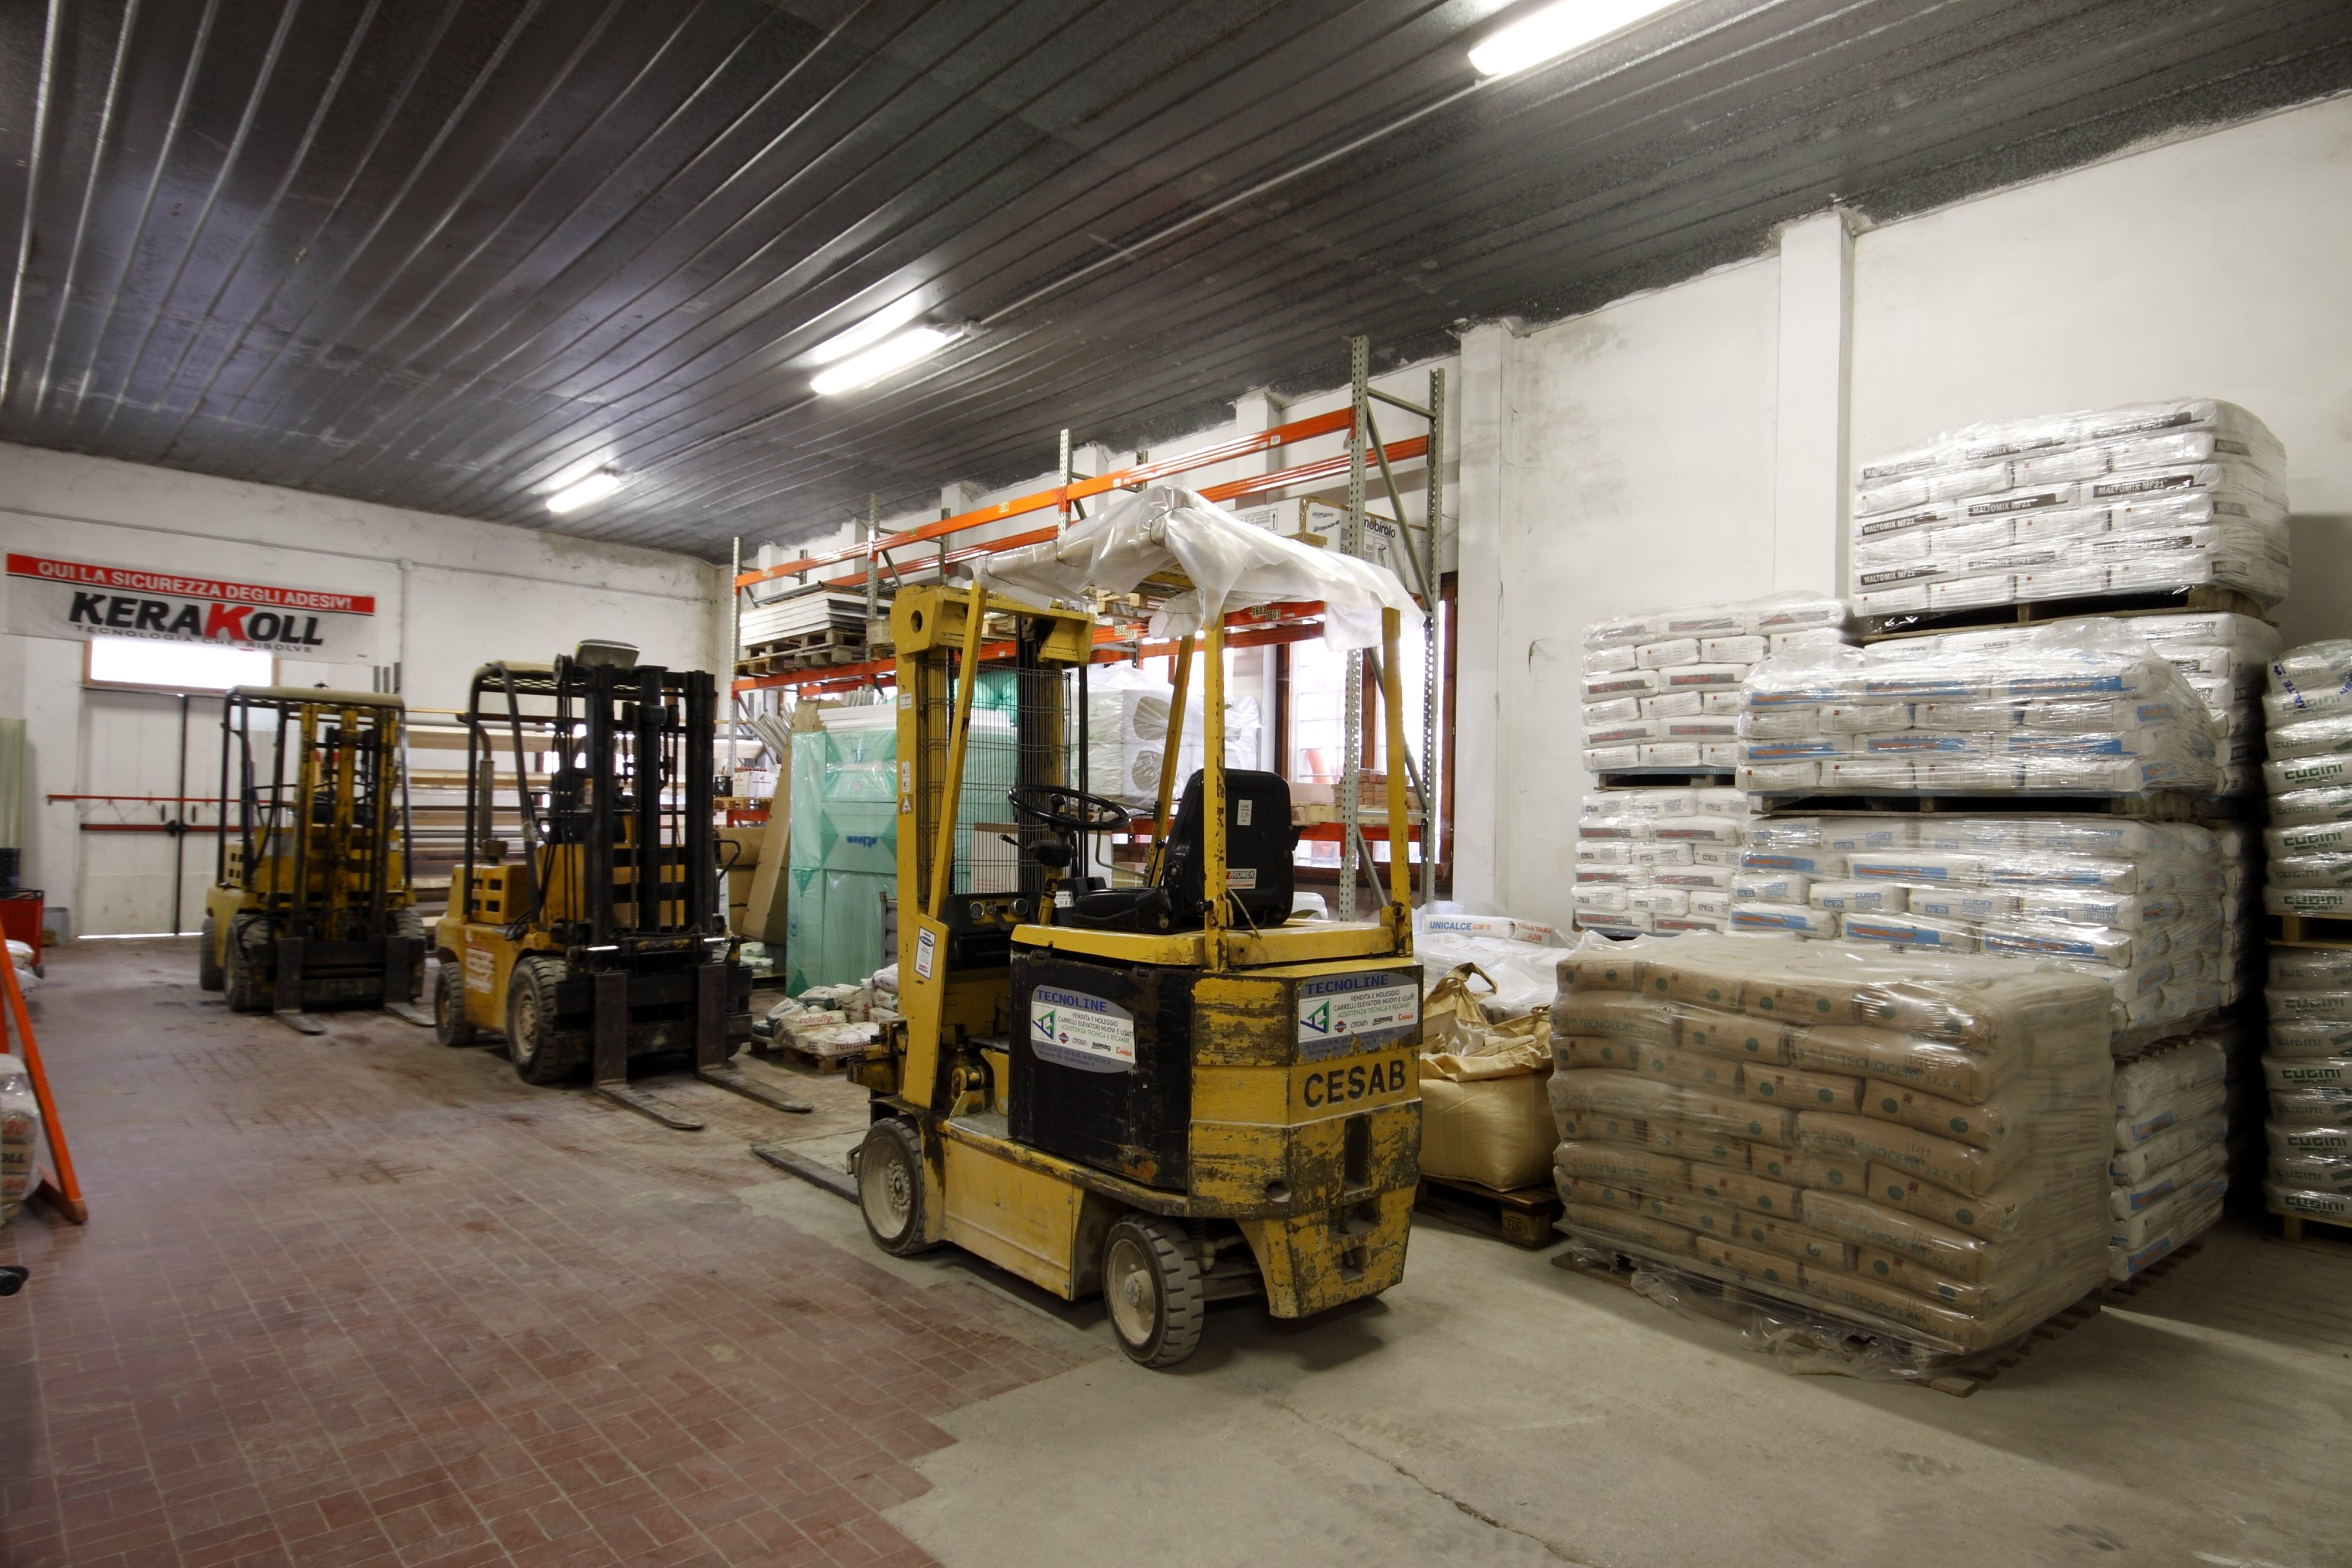 magazzino con materiali e macchinari edili